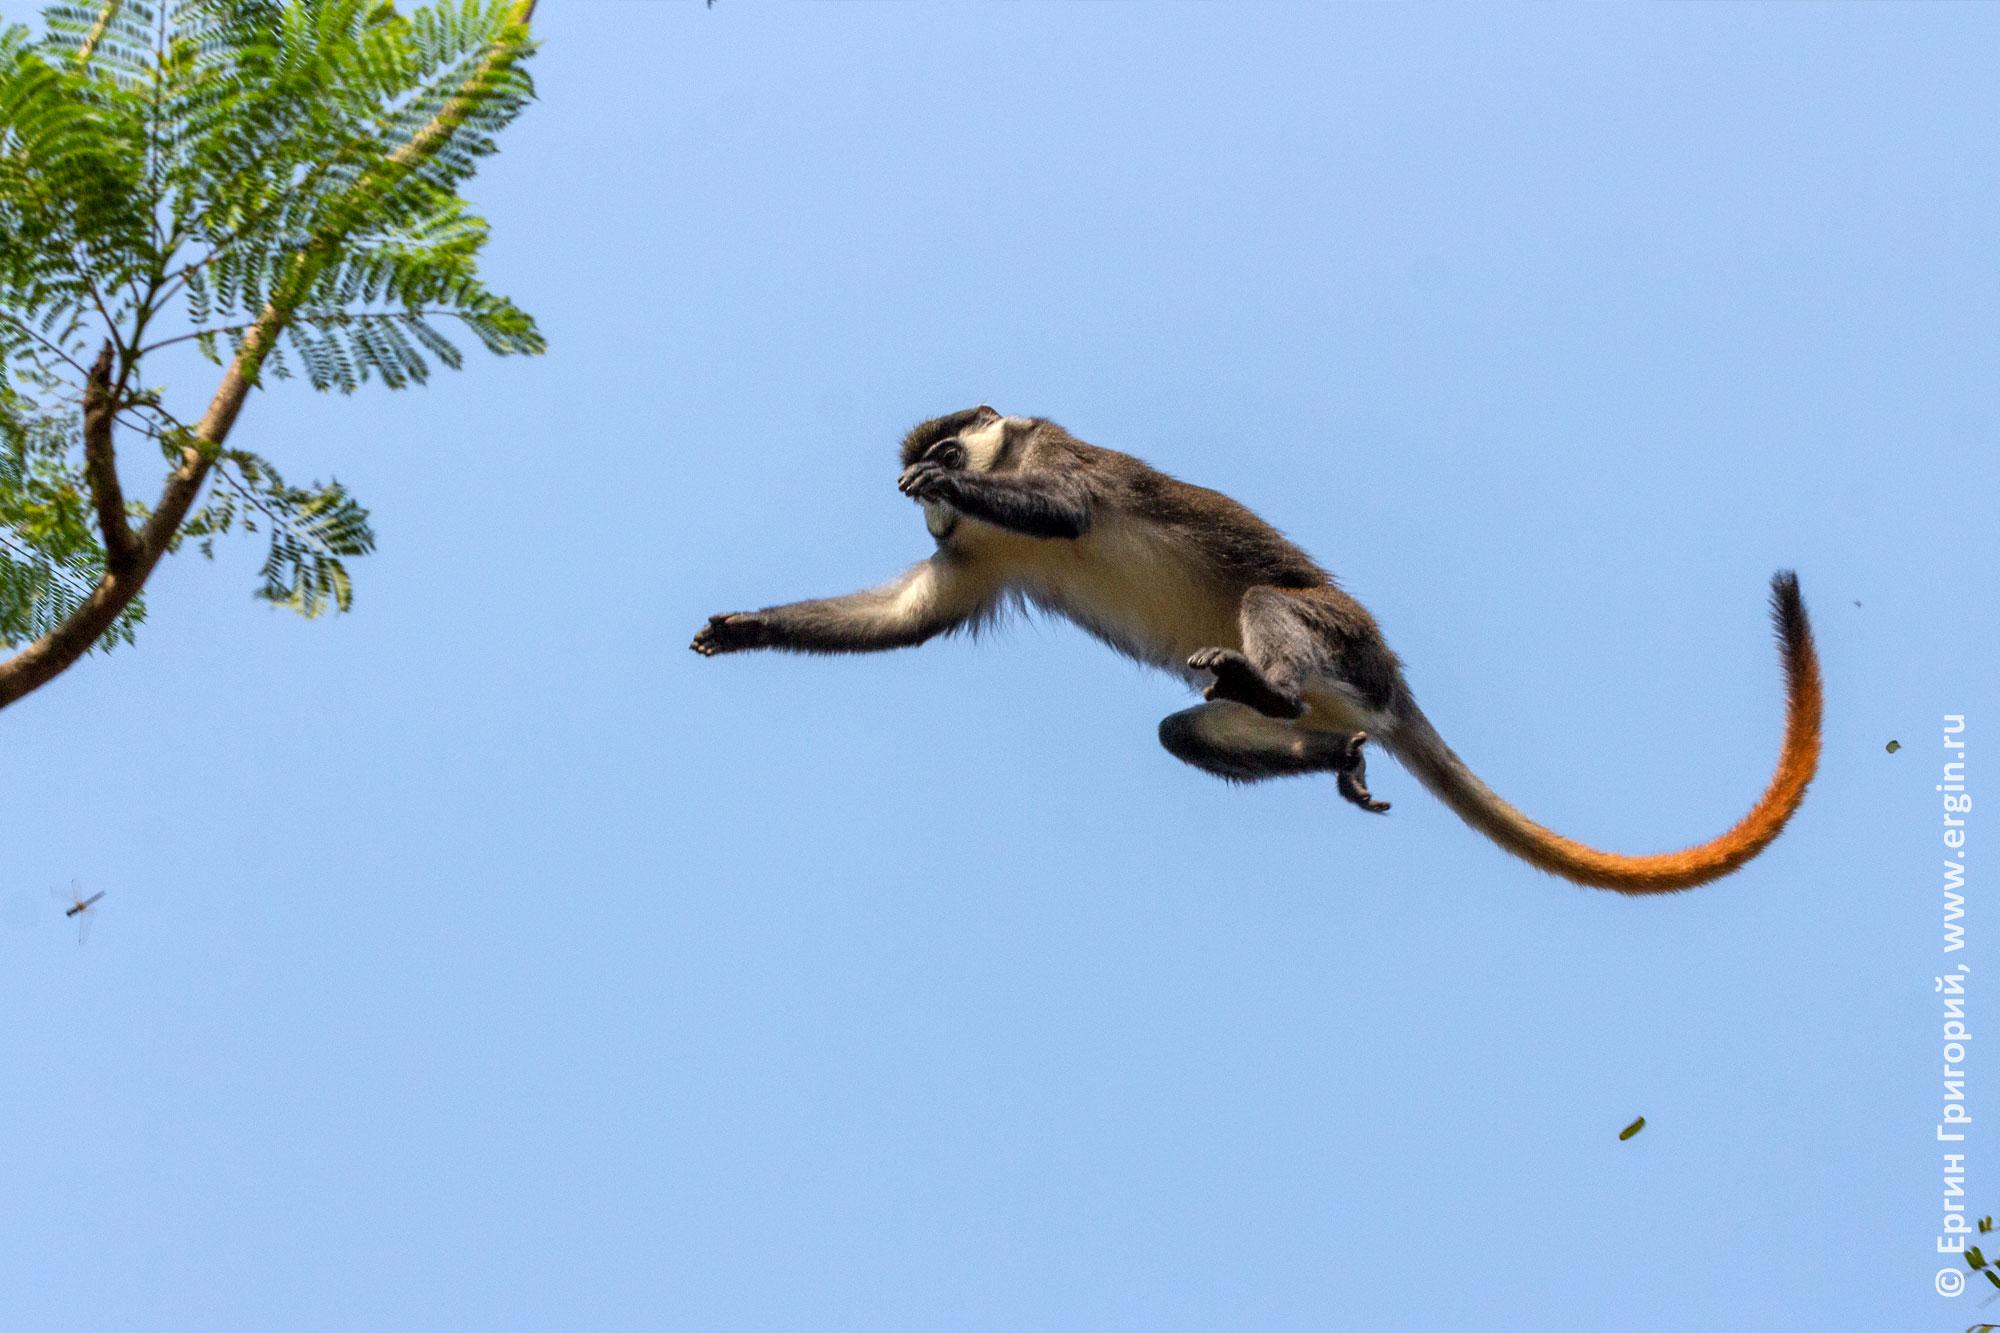 Краснохвостая обезьяна мартышка в полете